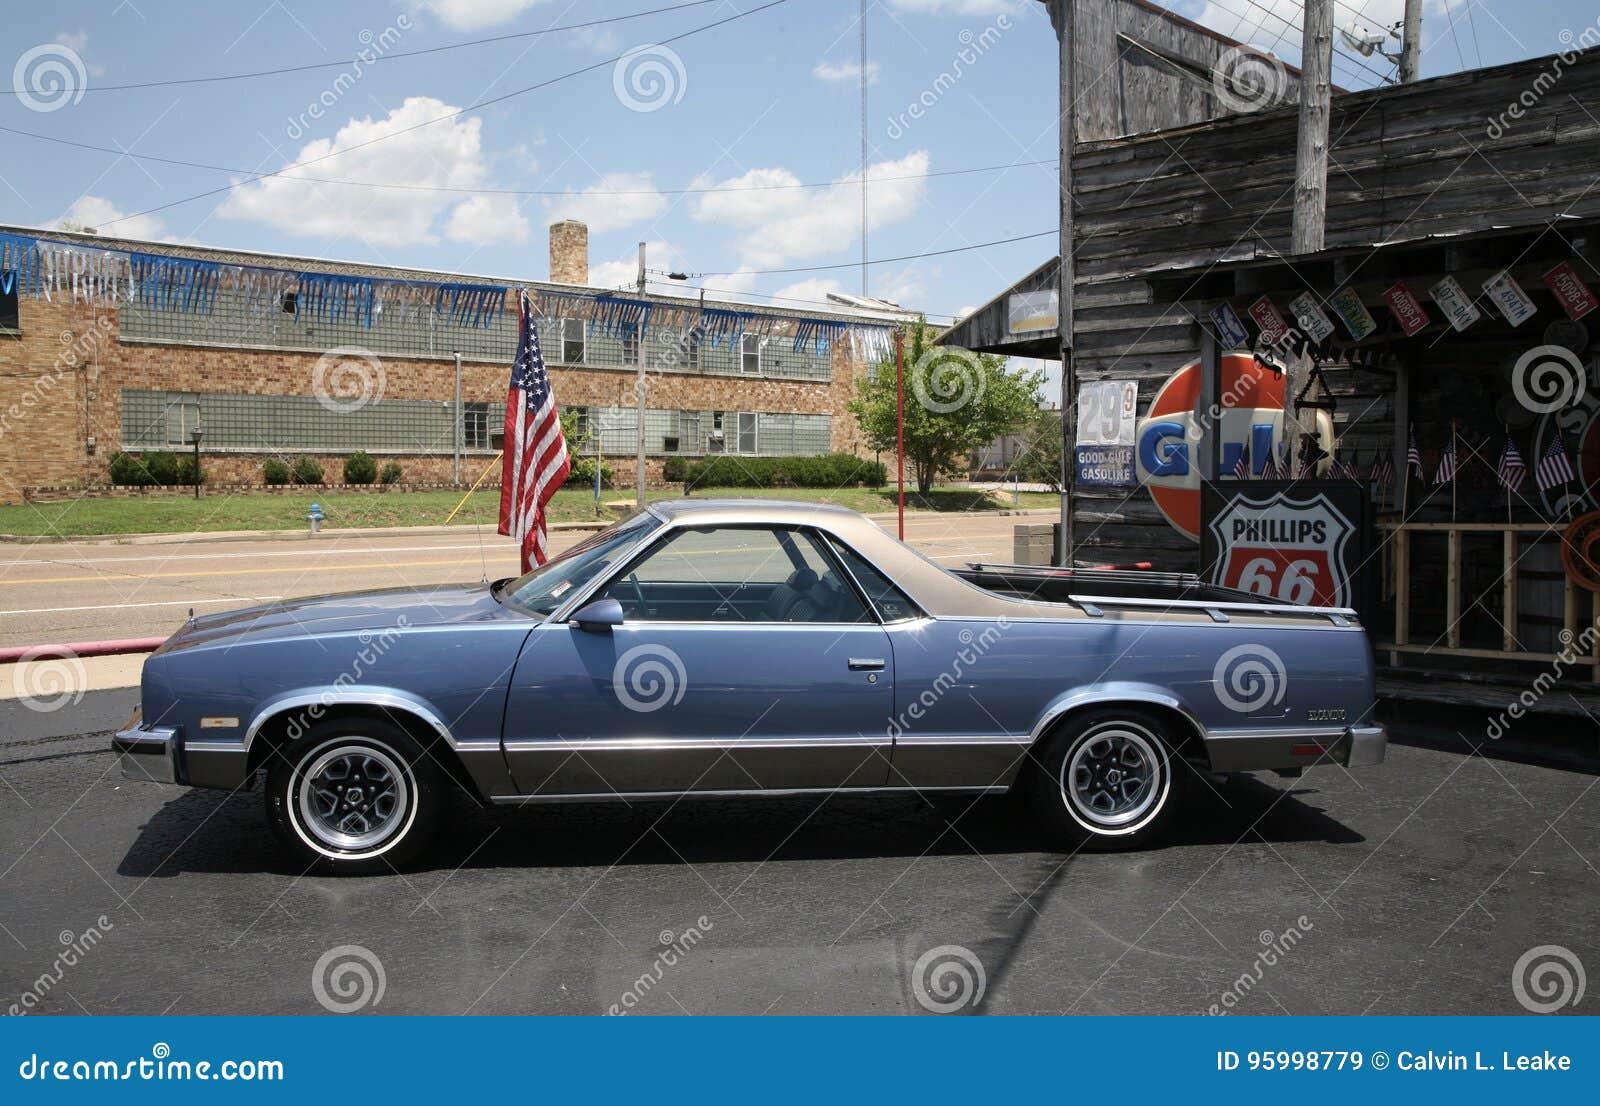 Ford el camino blue in color